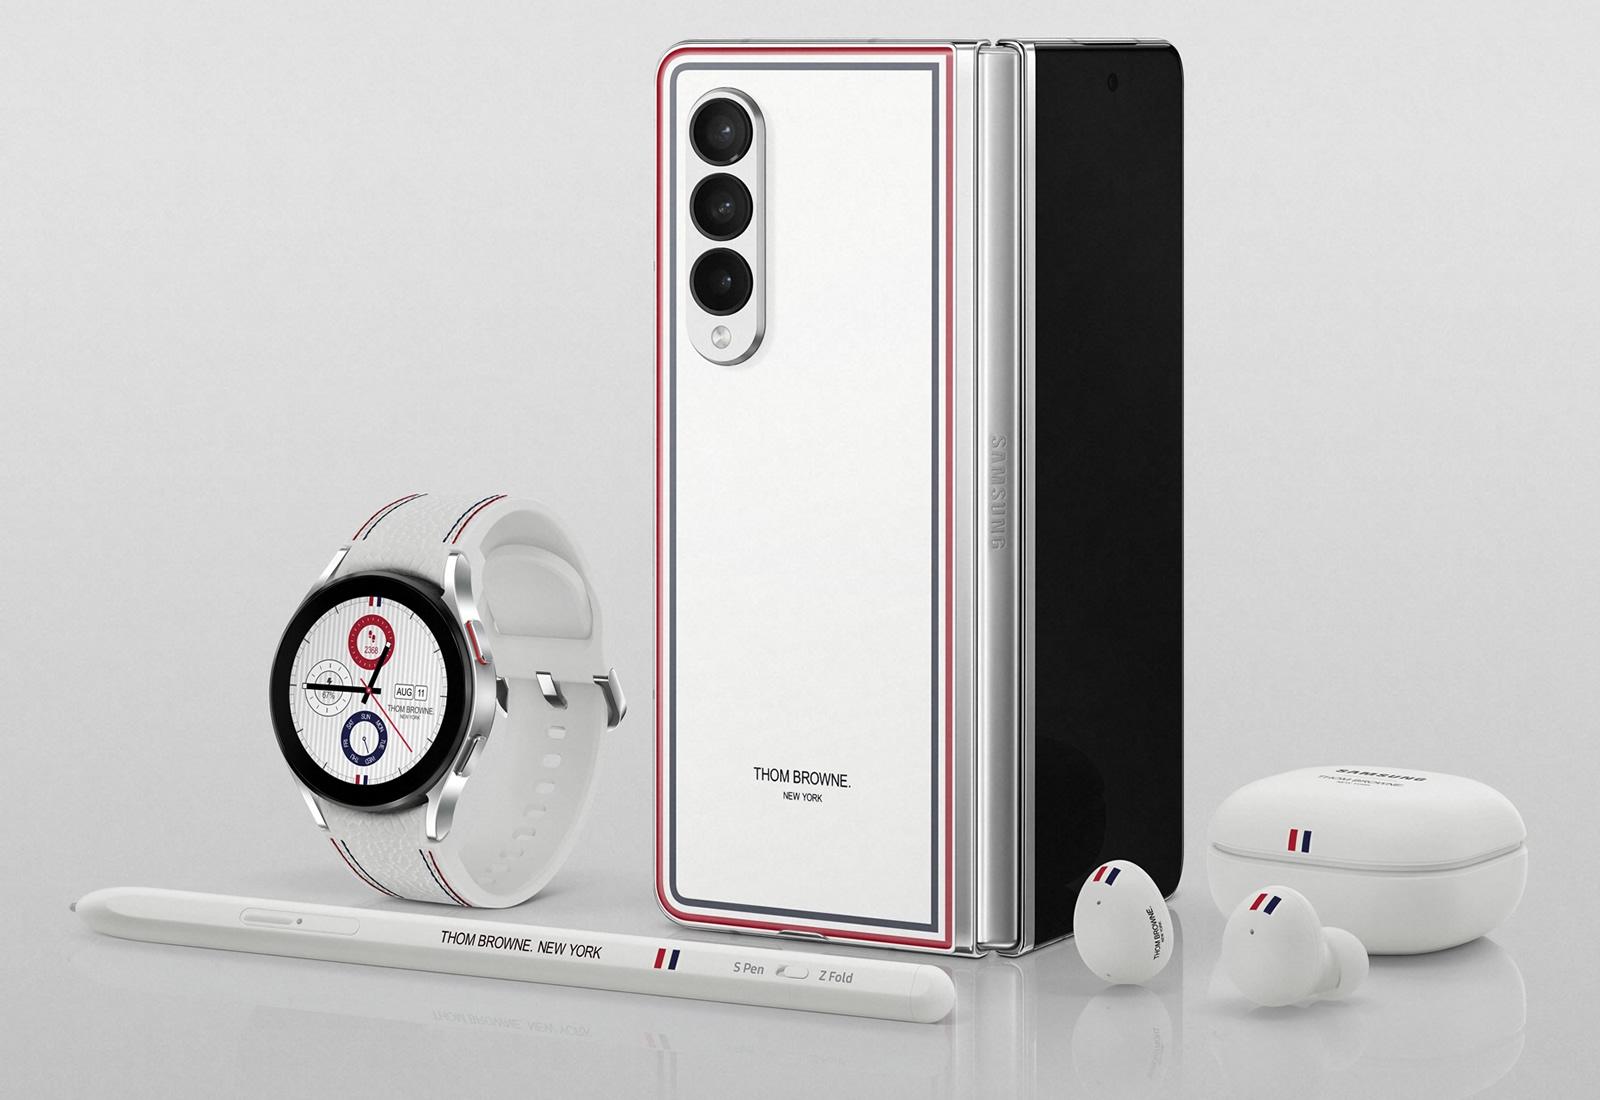 Samsung Galaxy Z Fold 3 Thom Browne Edition